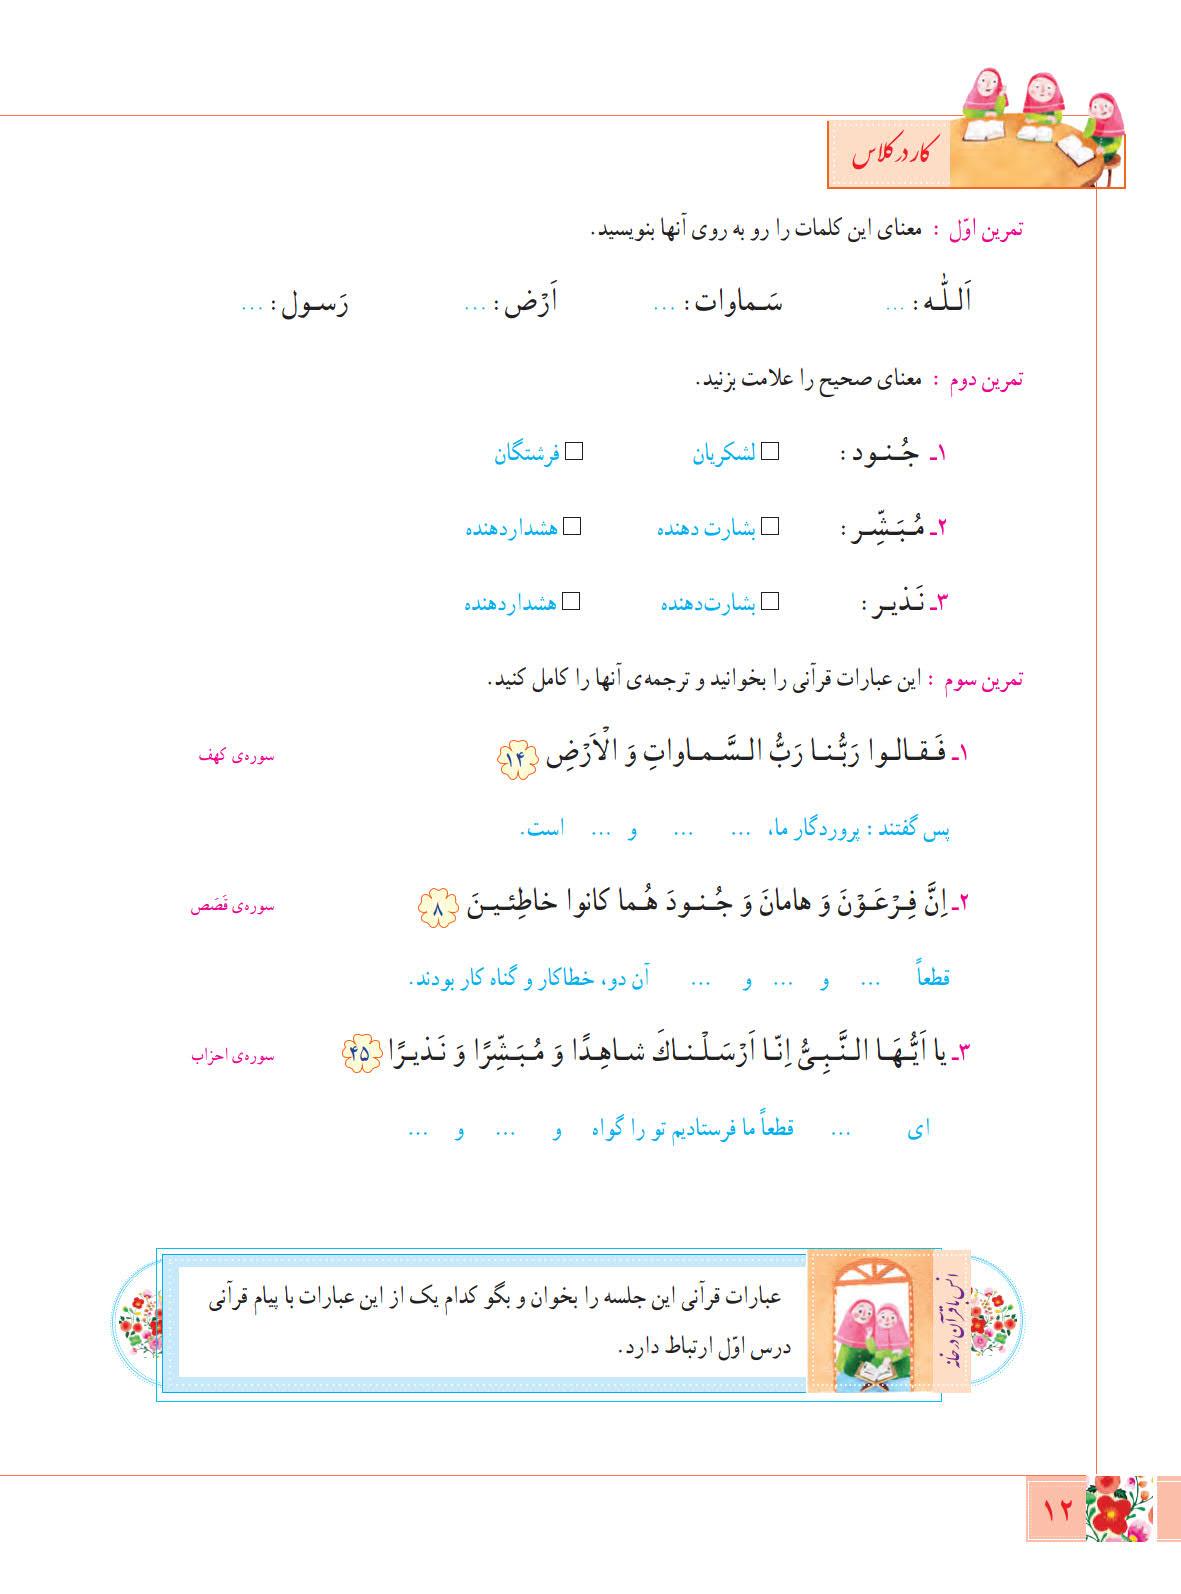 آموزش قرآن پایه ششم ابتدایی - درس دوم - کلاس اینترنتی ما - مومکا - صفحه 12- momeka.ir (1)